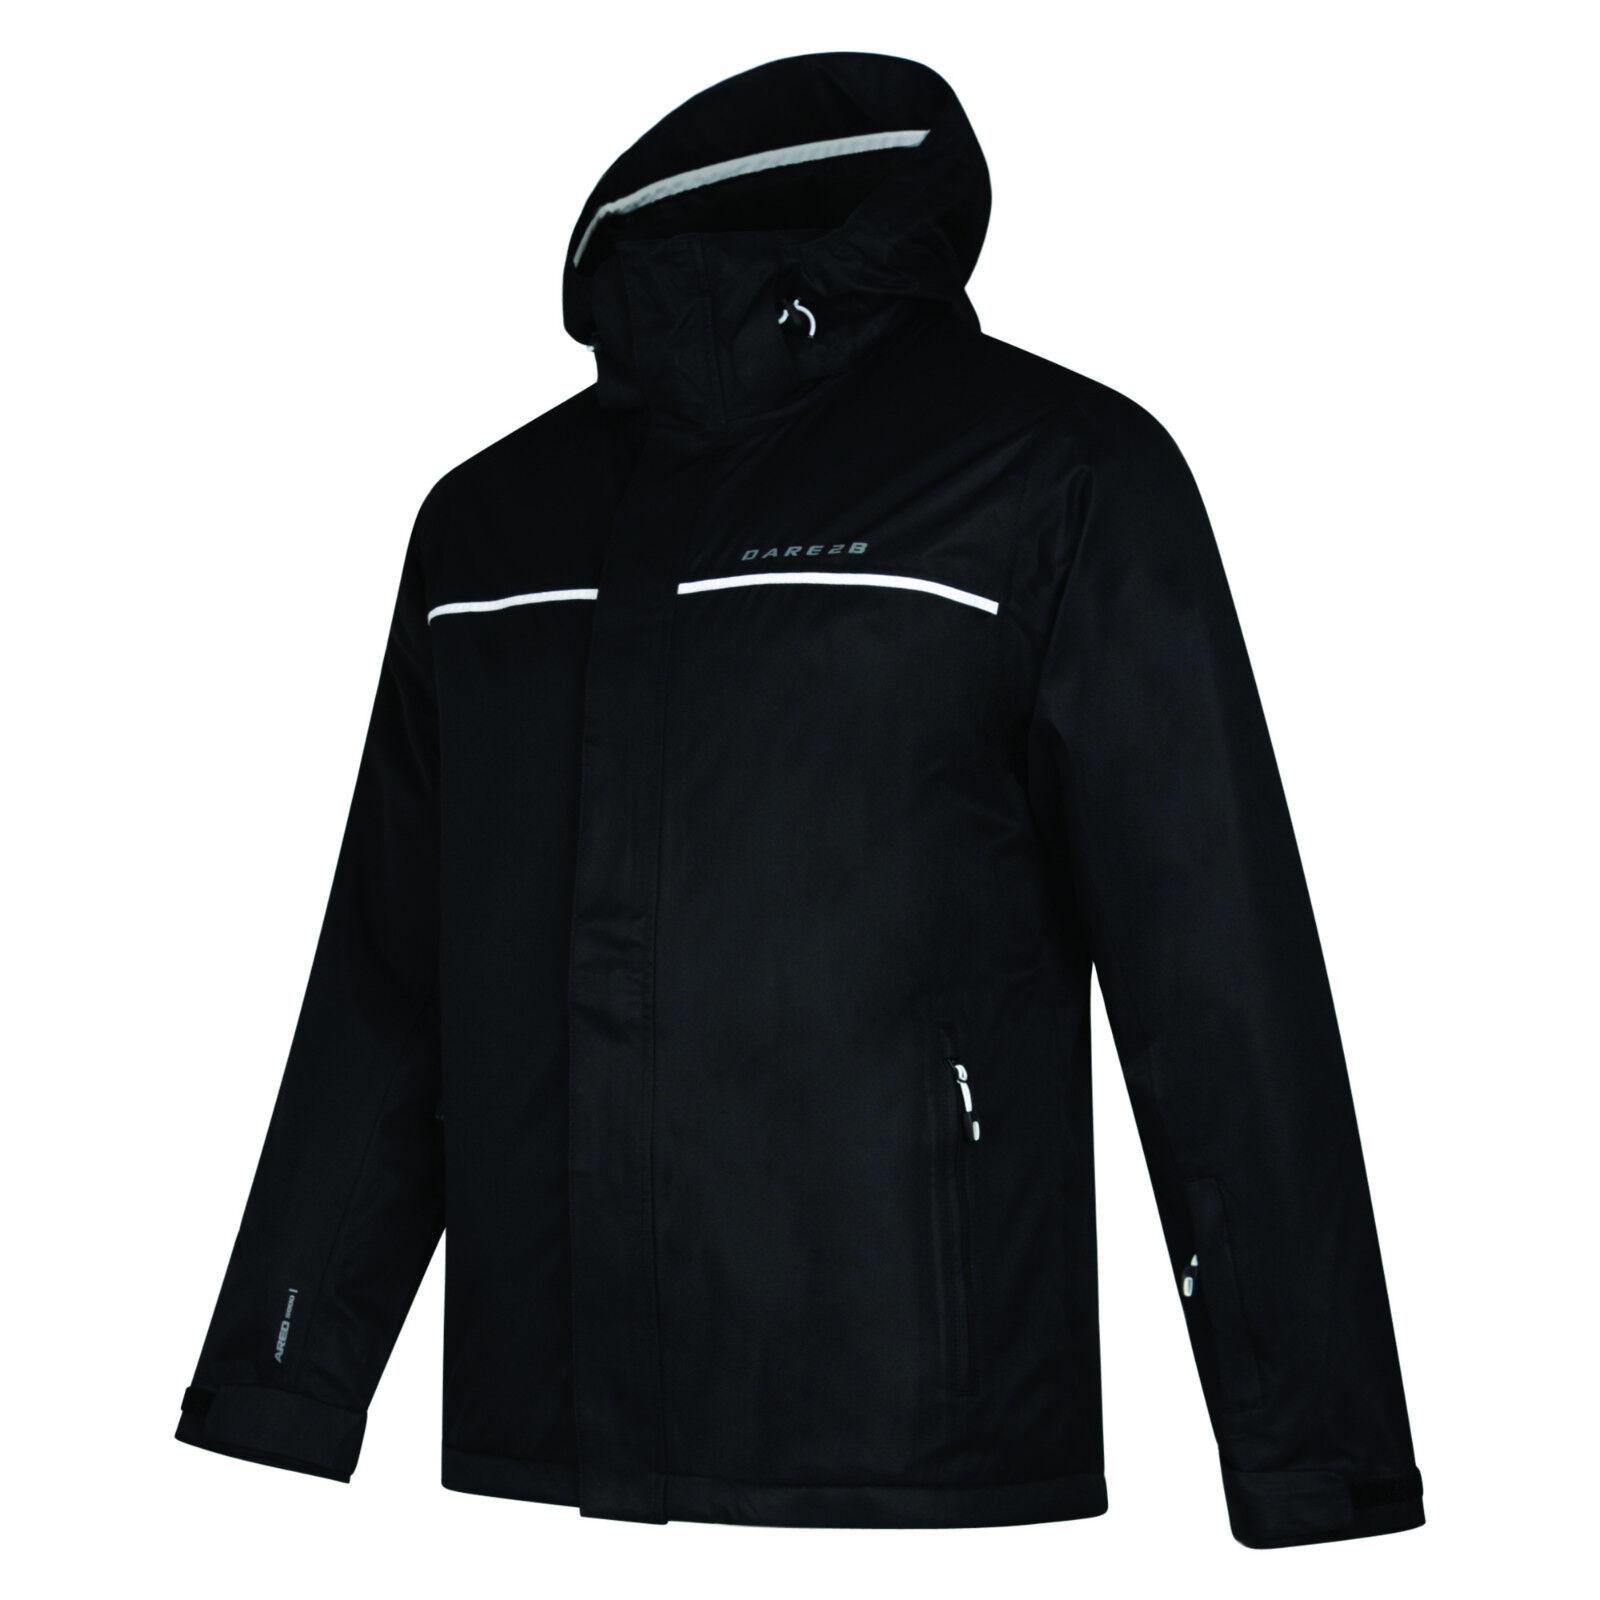 DARE2B verlässliche auf herren Ski Snowboard Snowboard Snowboard jacke schwarz Größen S - 3XL d13adf